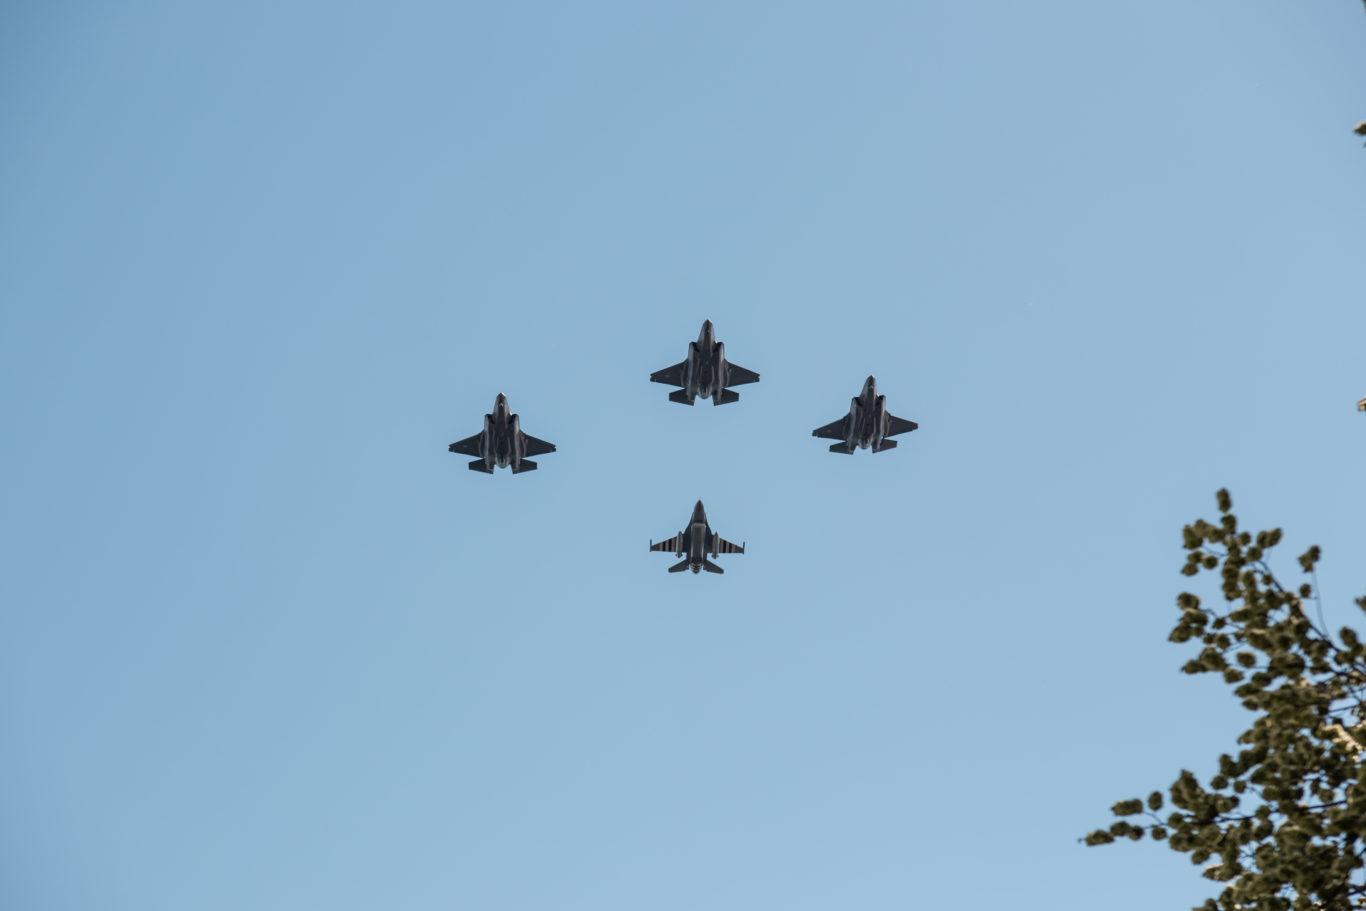 F-35 og F-16 jagerfly under markeringen av frigjørings- og veterandagen på Akershus festning i 2019. Foto: Magnus Thor/Forsvaret